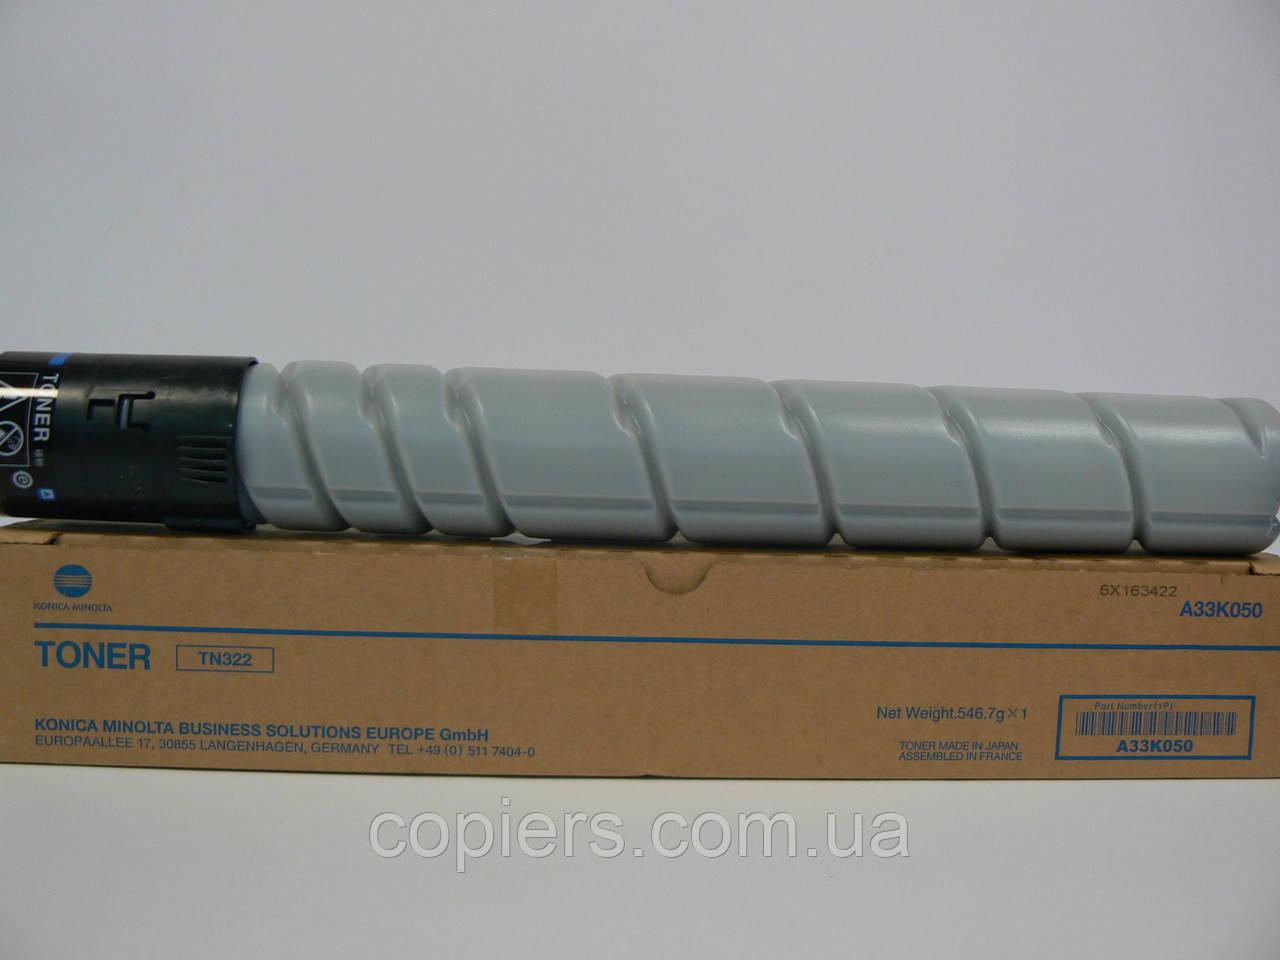 TN322 тонер A33K050 Konica Minolta Bizhub 224e/284e/364e оригинал tn-322K